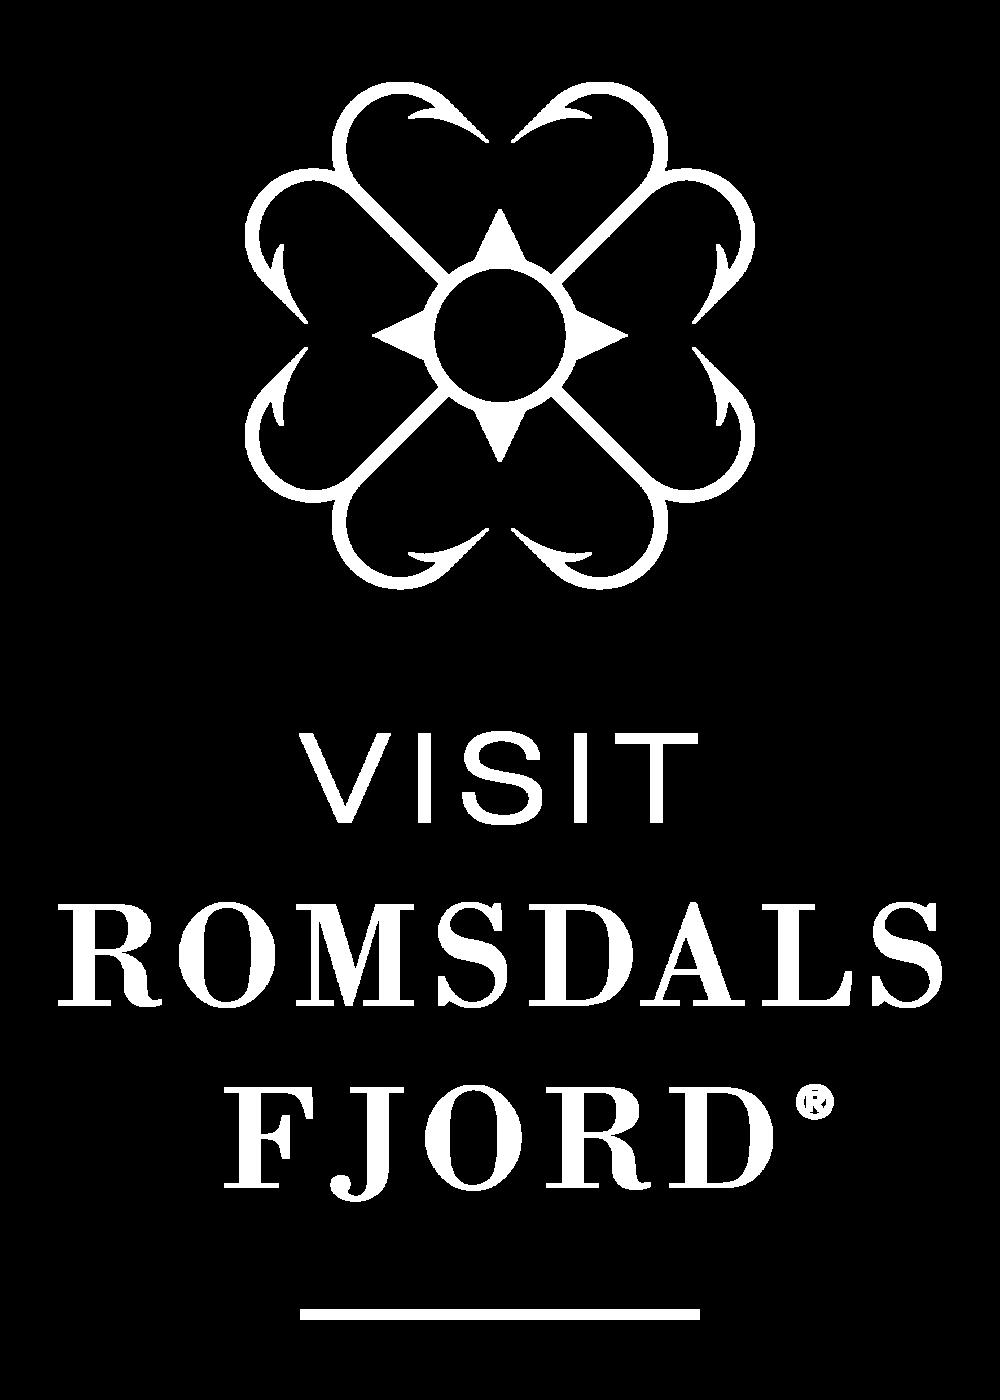 Visit Romsdalsfjord